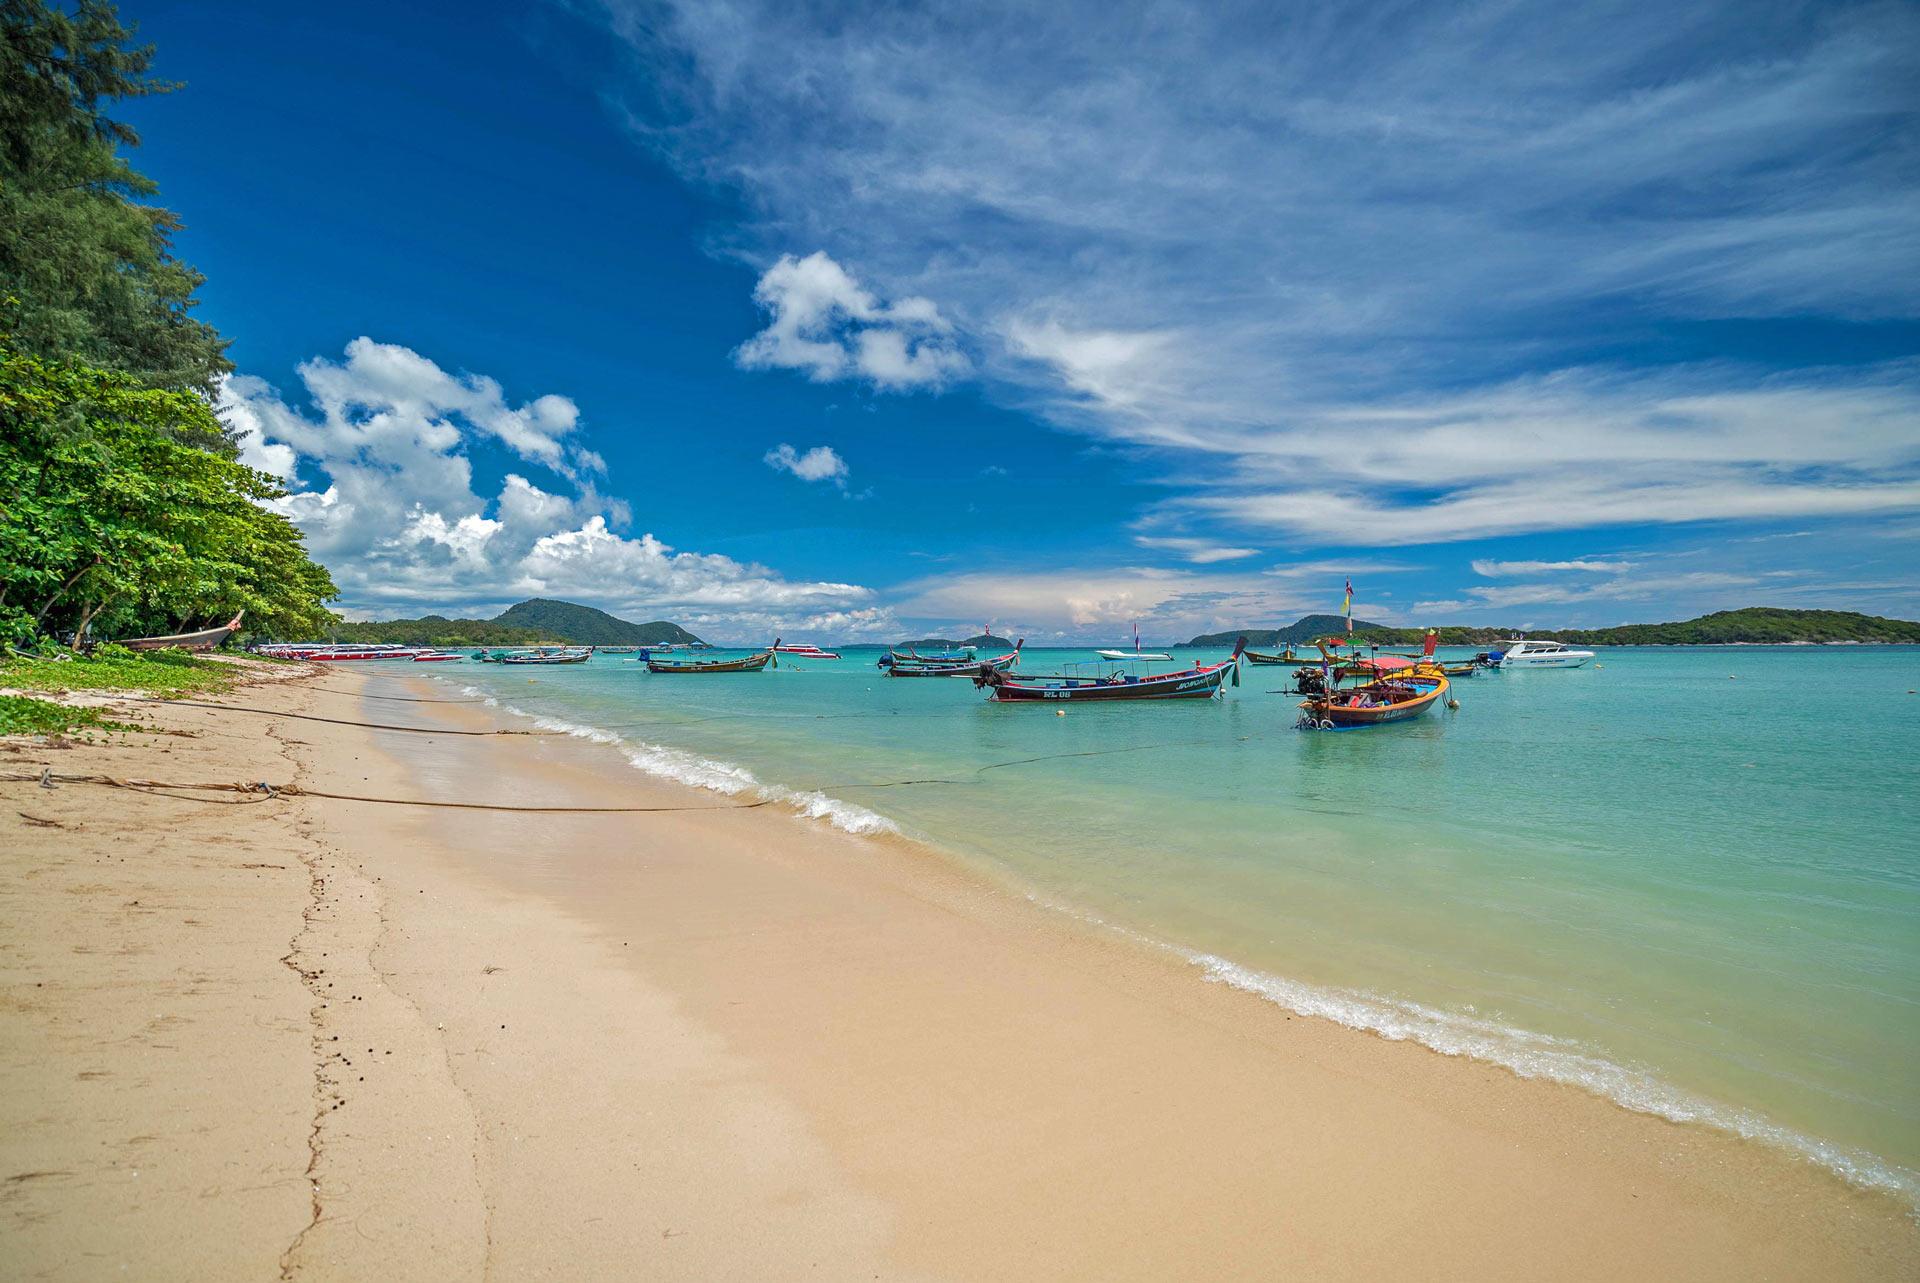 Rawai Beach during Green Season, Ayurveda, Wellness, Yoga Retreats, Phuket Thailand, Mangosteen Ayurveda & Wellness Resort, Number 1 Ayurveda Resort in Thailand, Rawai, Phuket.